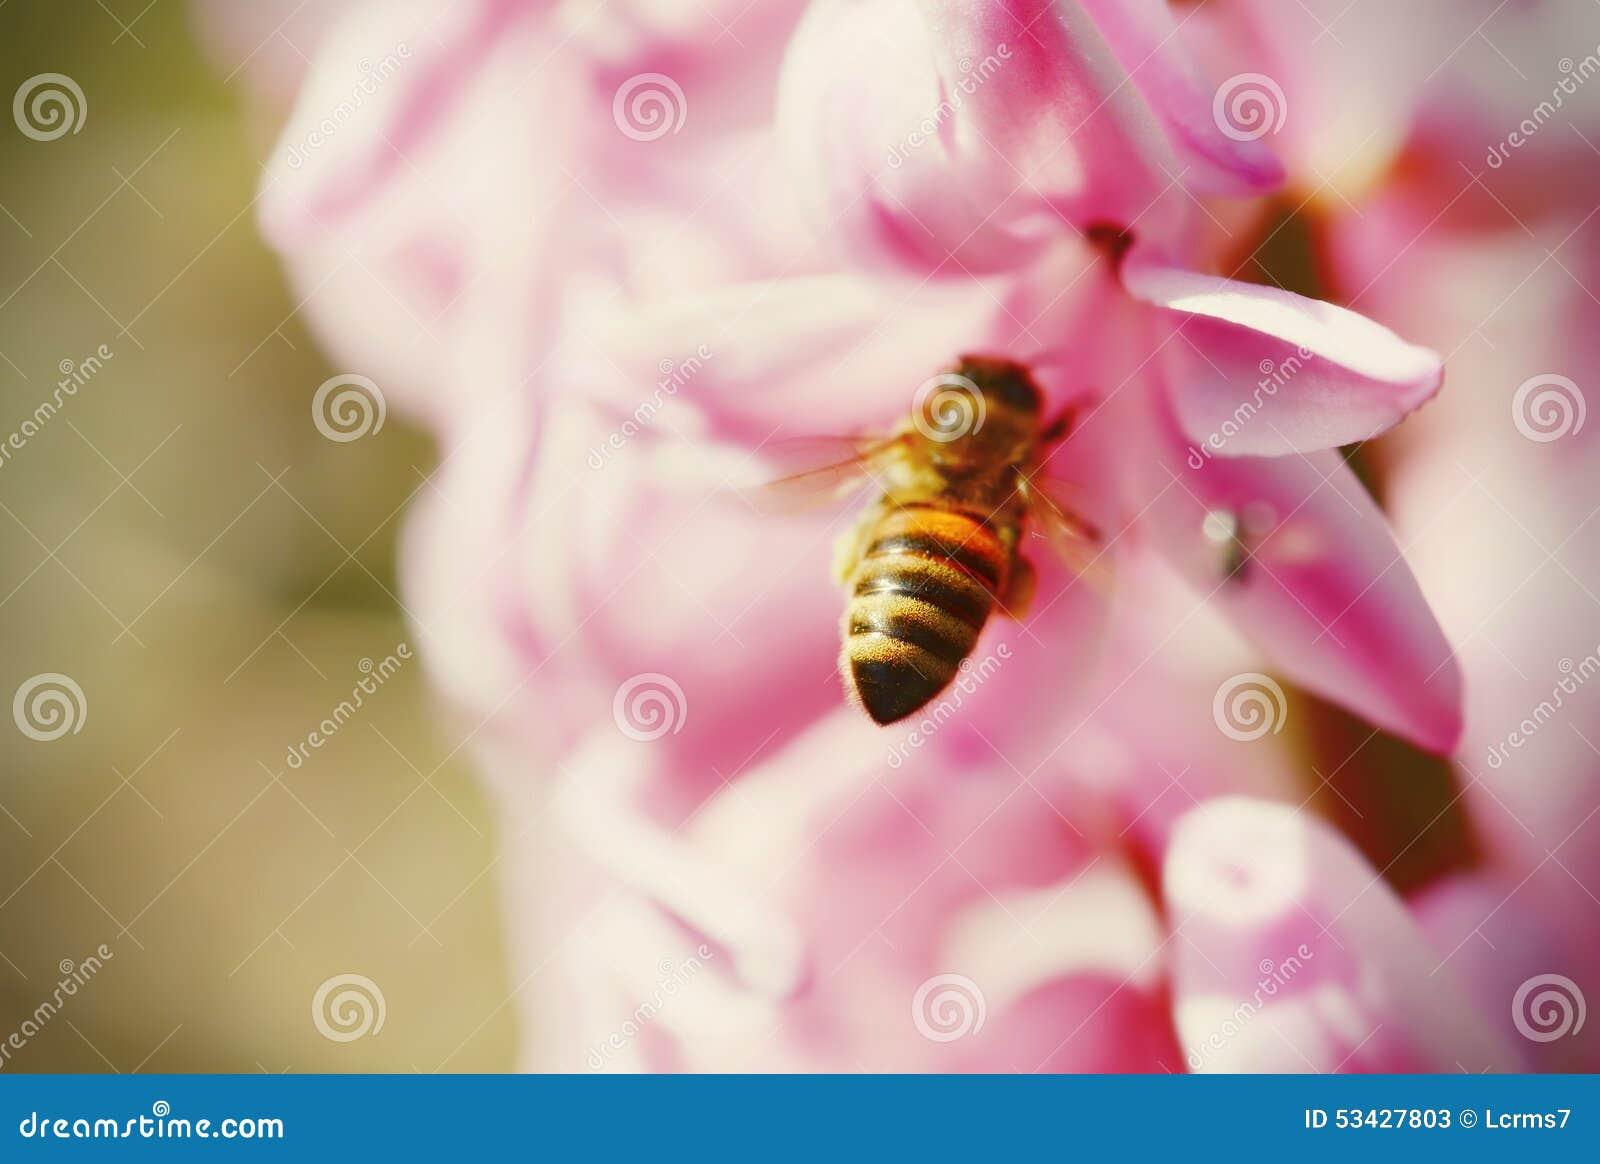 Detail der Honigbiene sitzend auf rosa Hyazinthe